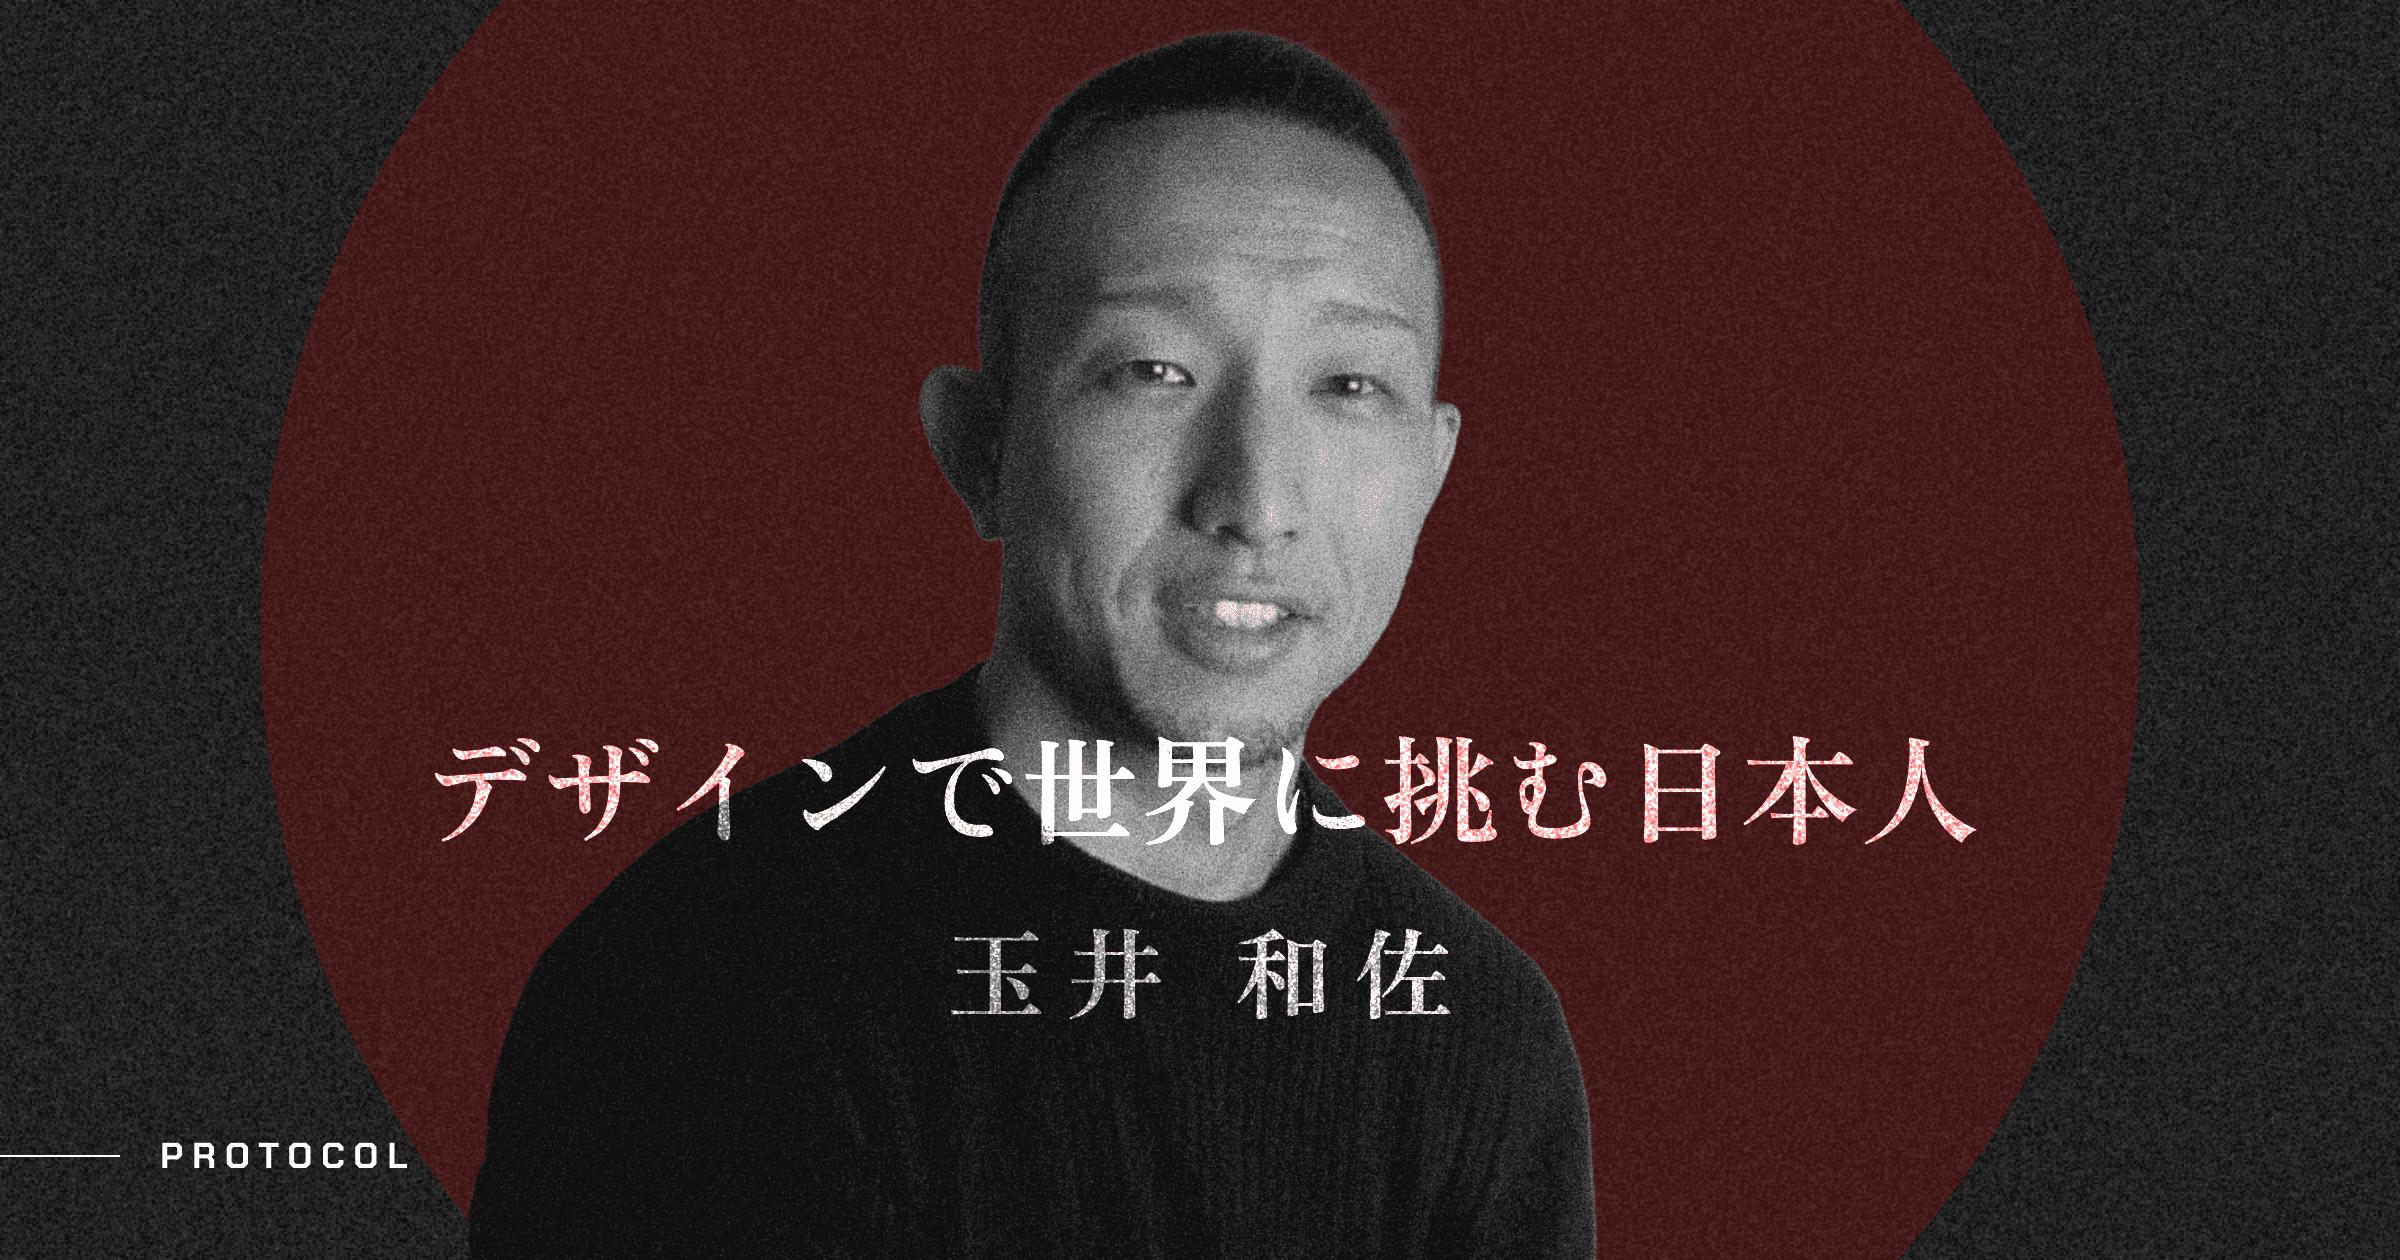 【玉井和佐】デザインで世界に挑む日本人起業家